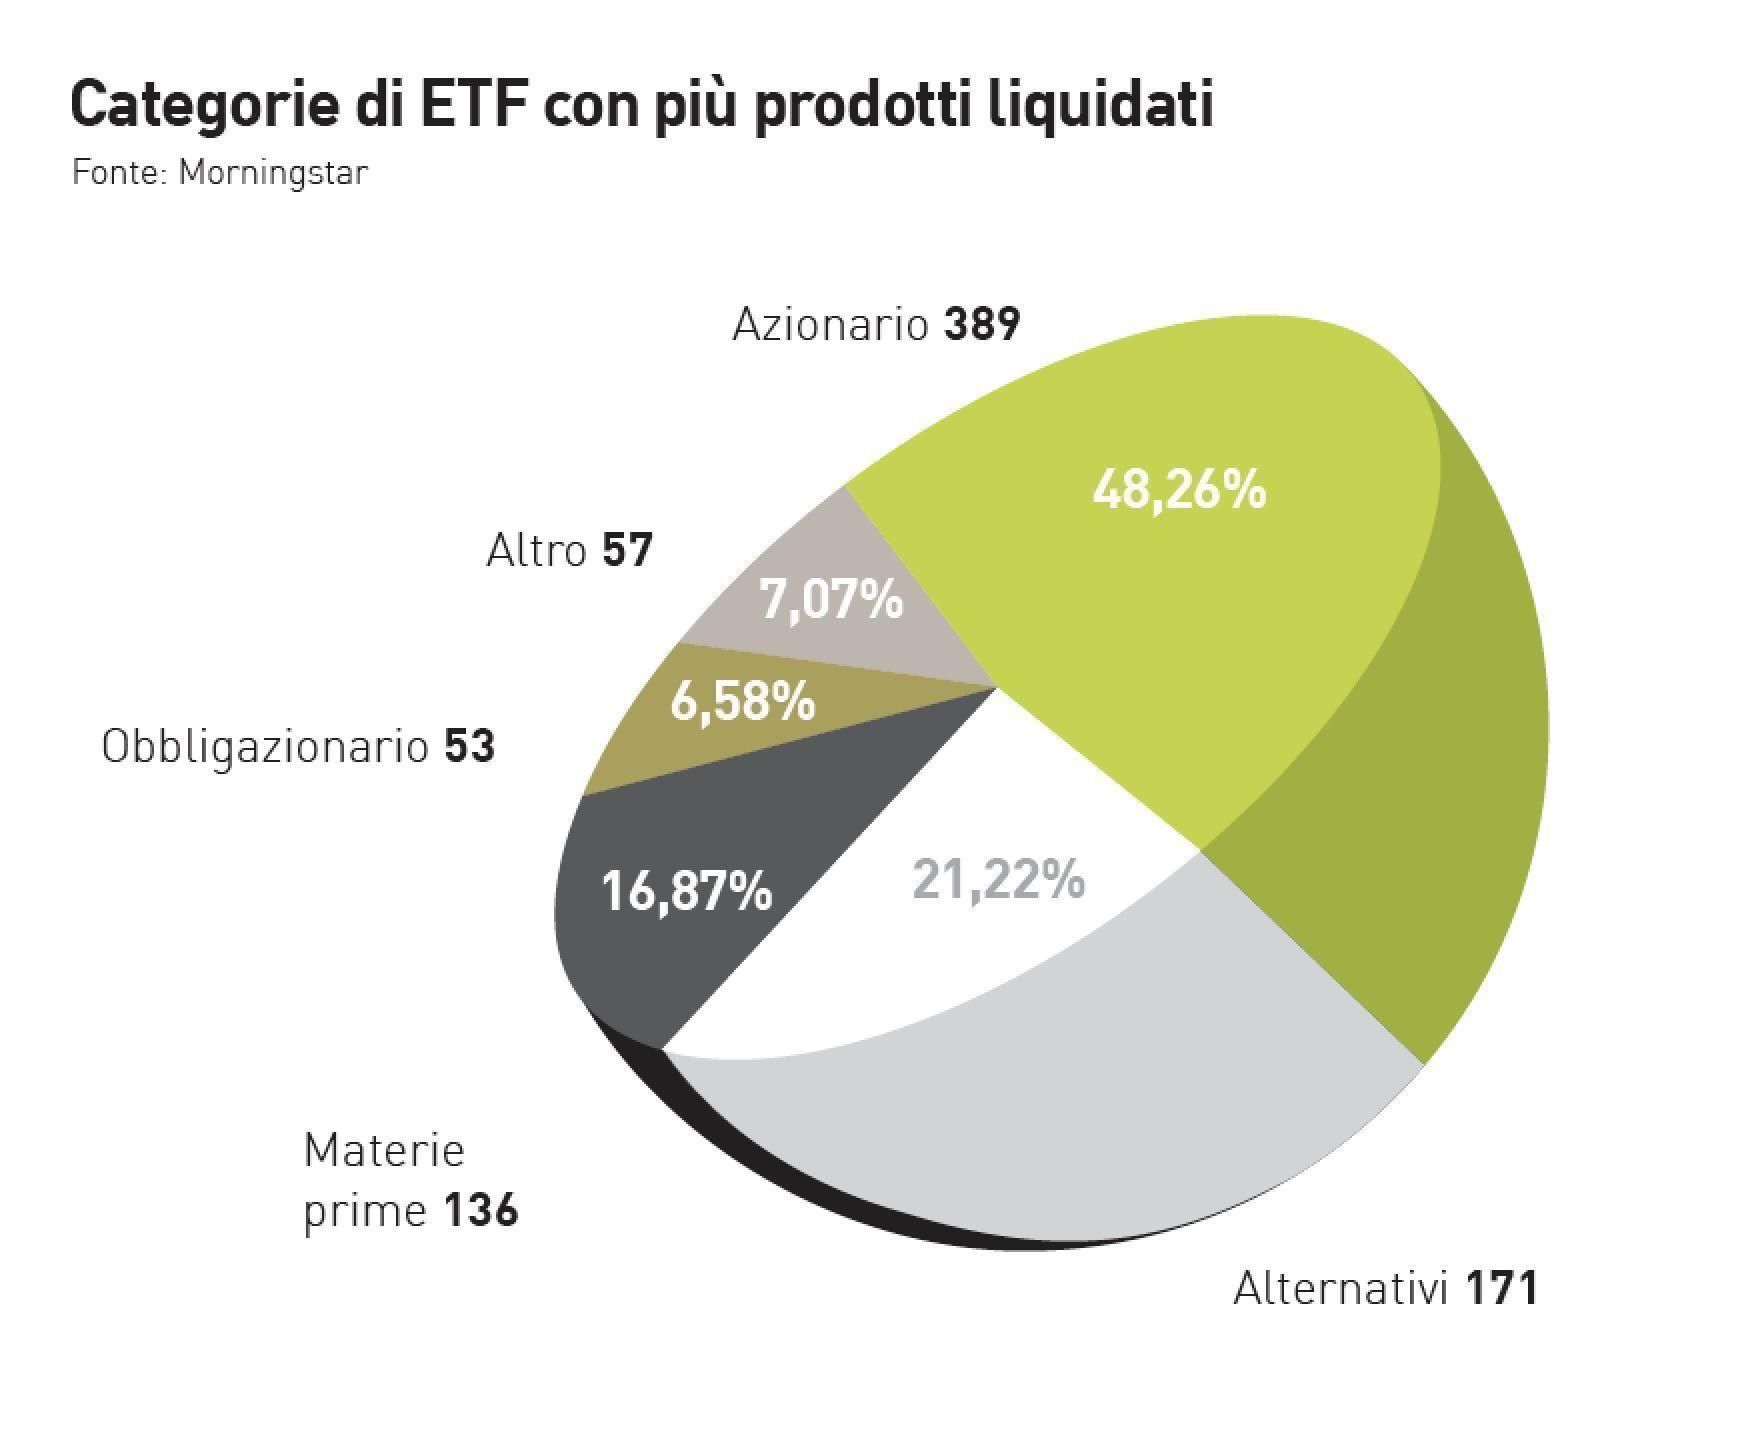 Categorie_di_ETF_con_piu__prodotti_liquidati